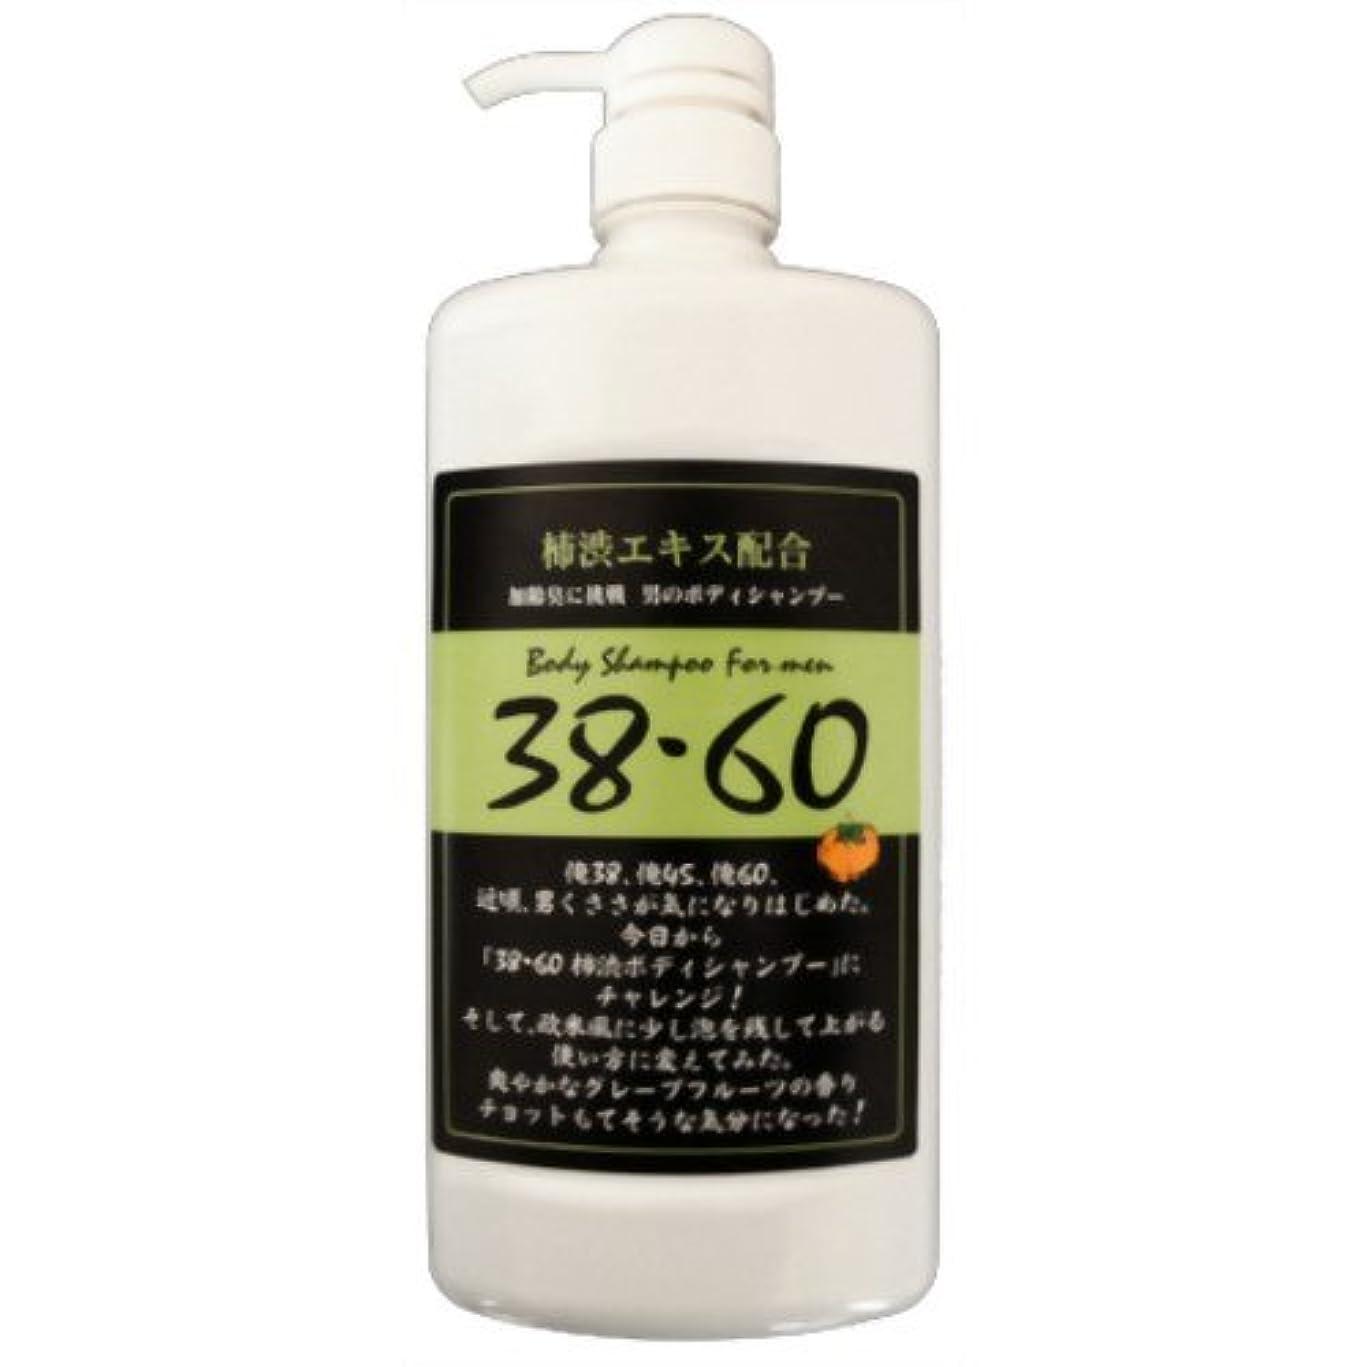 スカイ非武装化革新38?60柿渋ボディシャンプー詰替1500ml